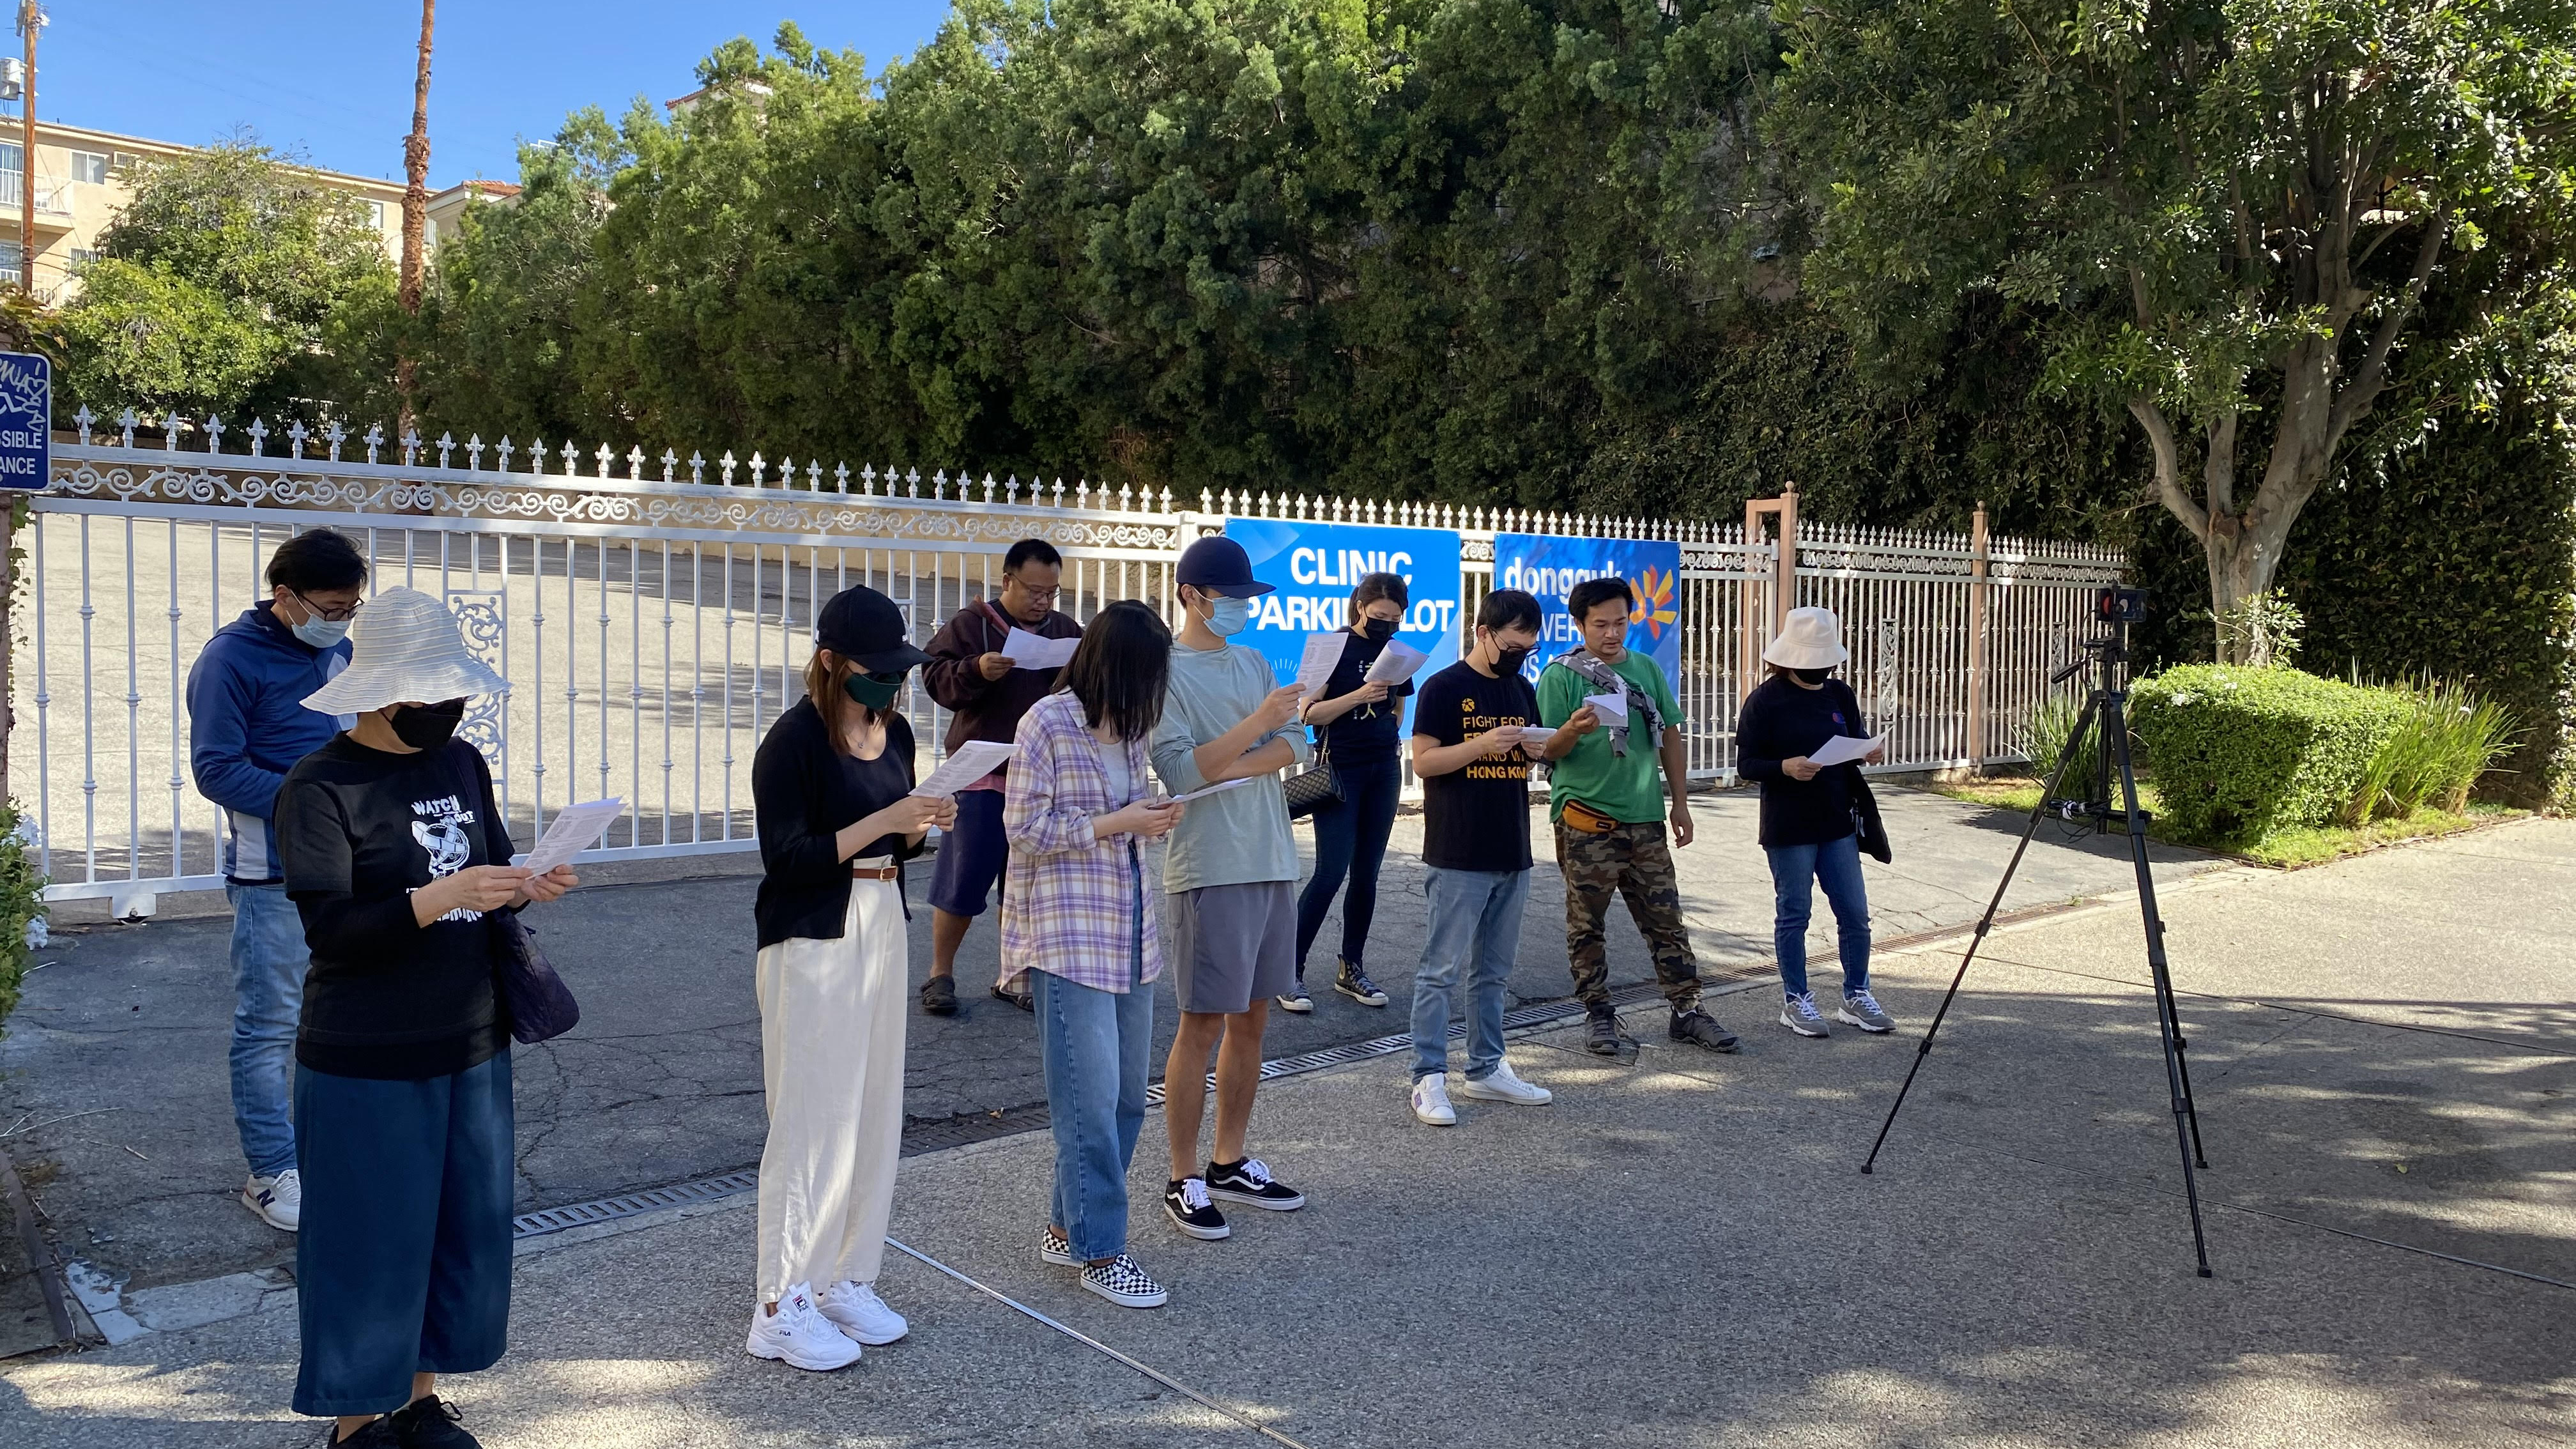 2021年10月10日下午,美港天下在洛杉矶中领馆外举行的抗议活动。(威斯利·何提供)